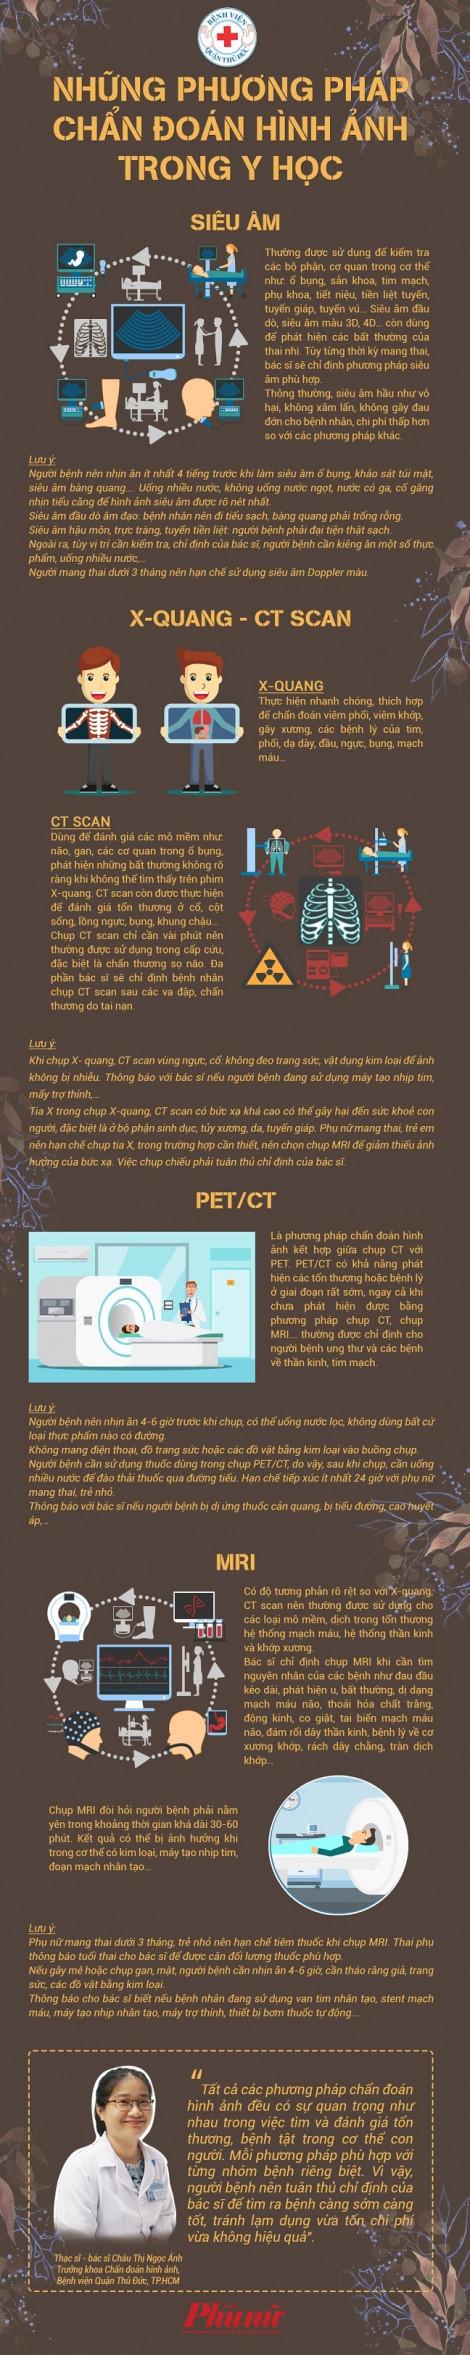 Siêu âm, X-quang, CT, MRI… phương pháp nào tốt nhất?